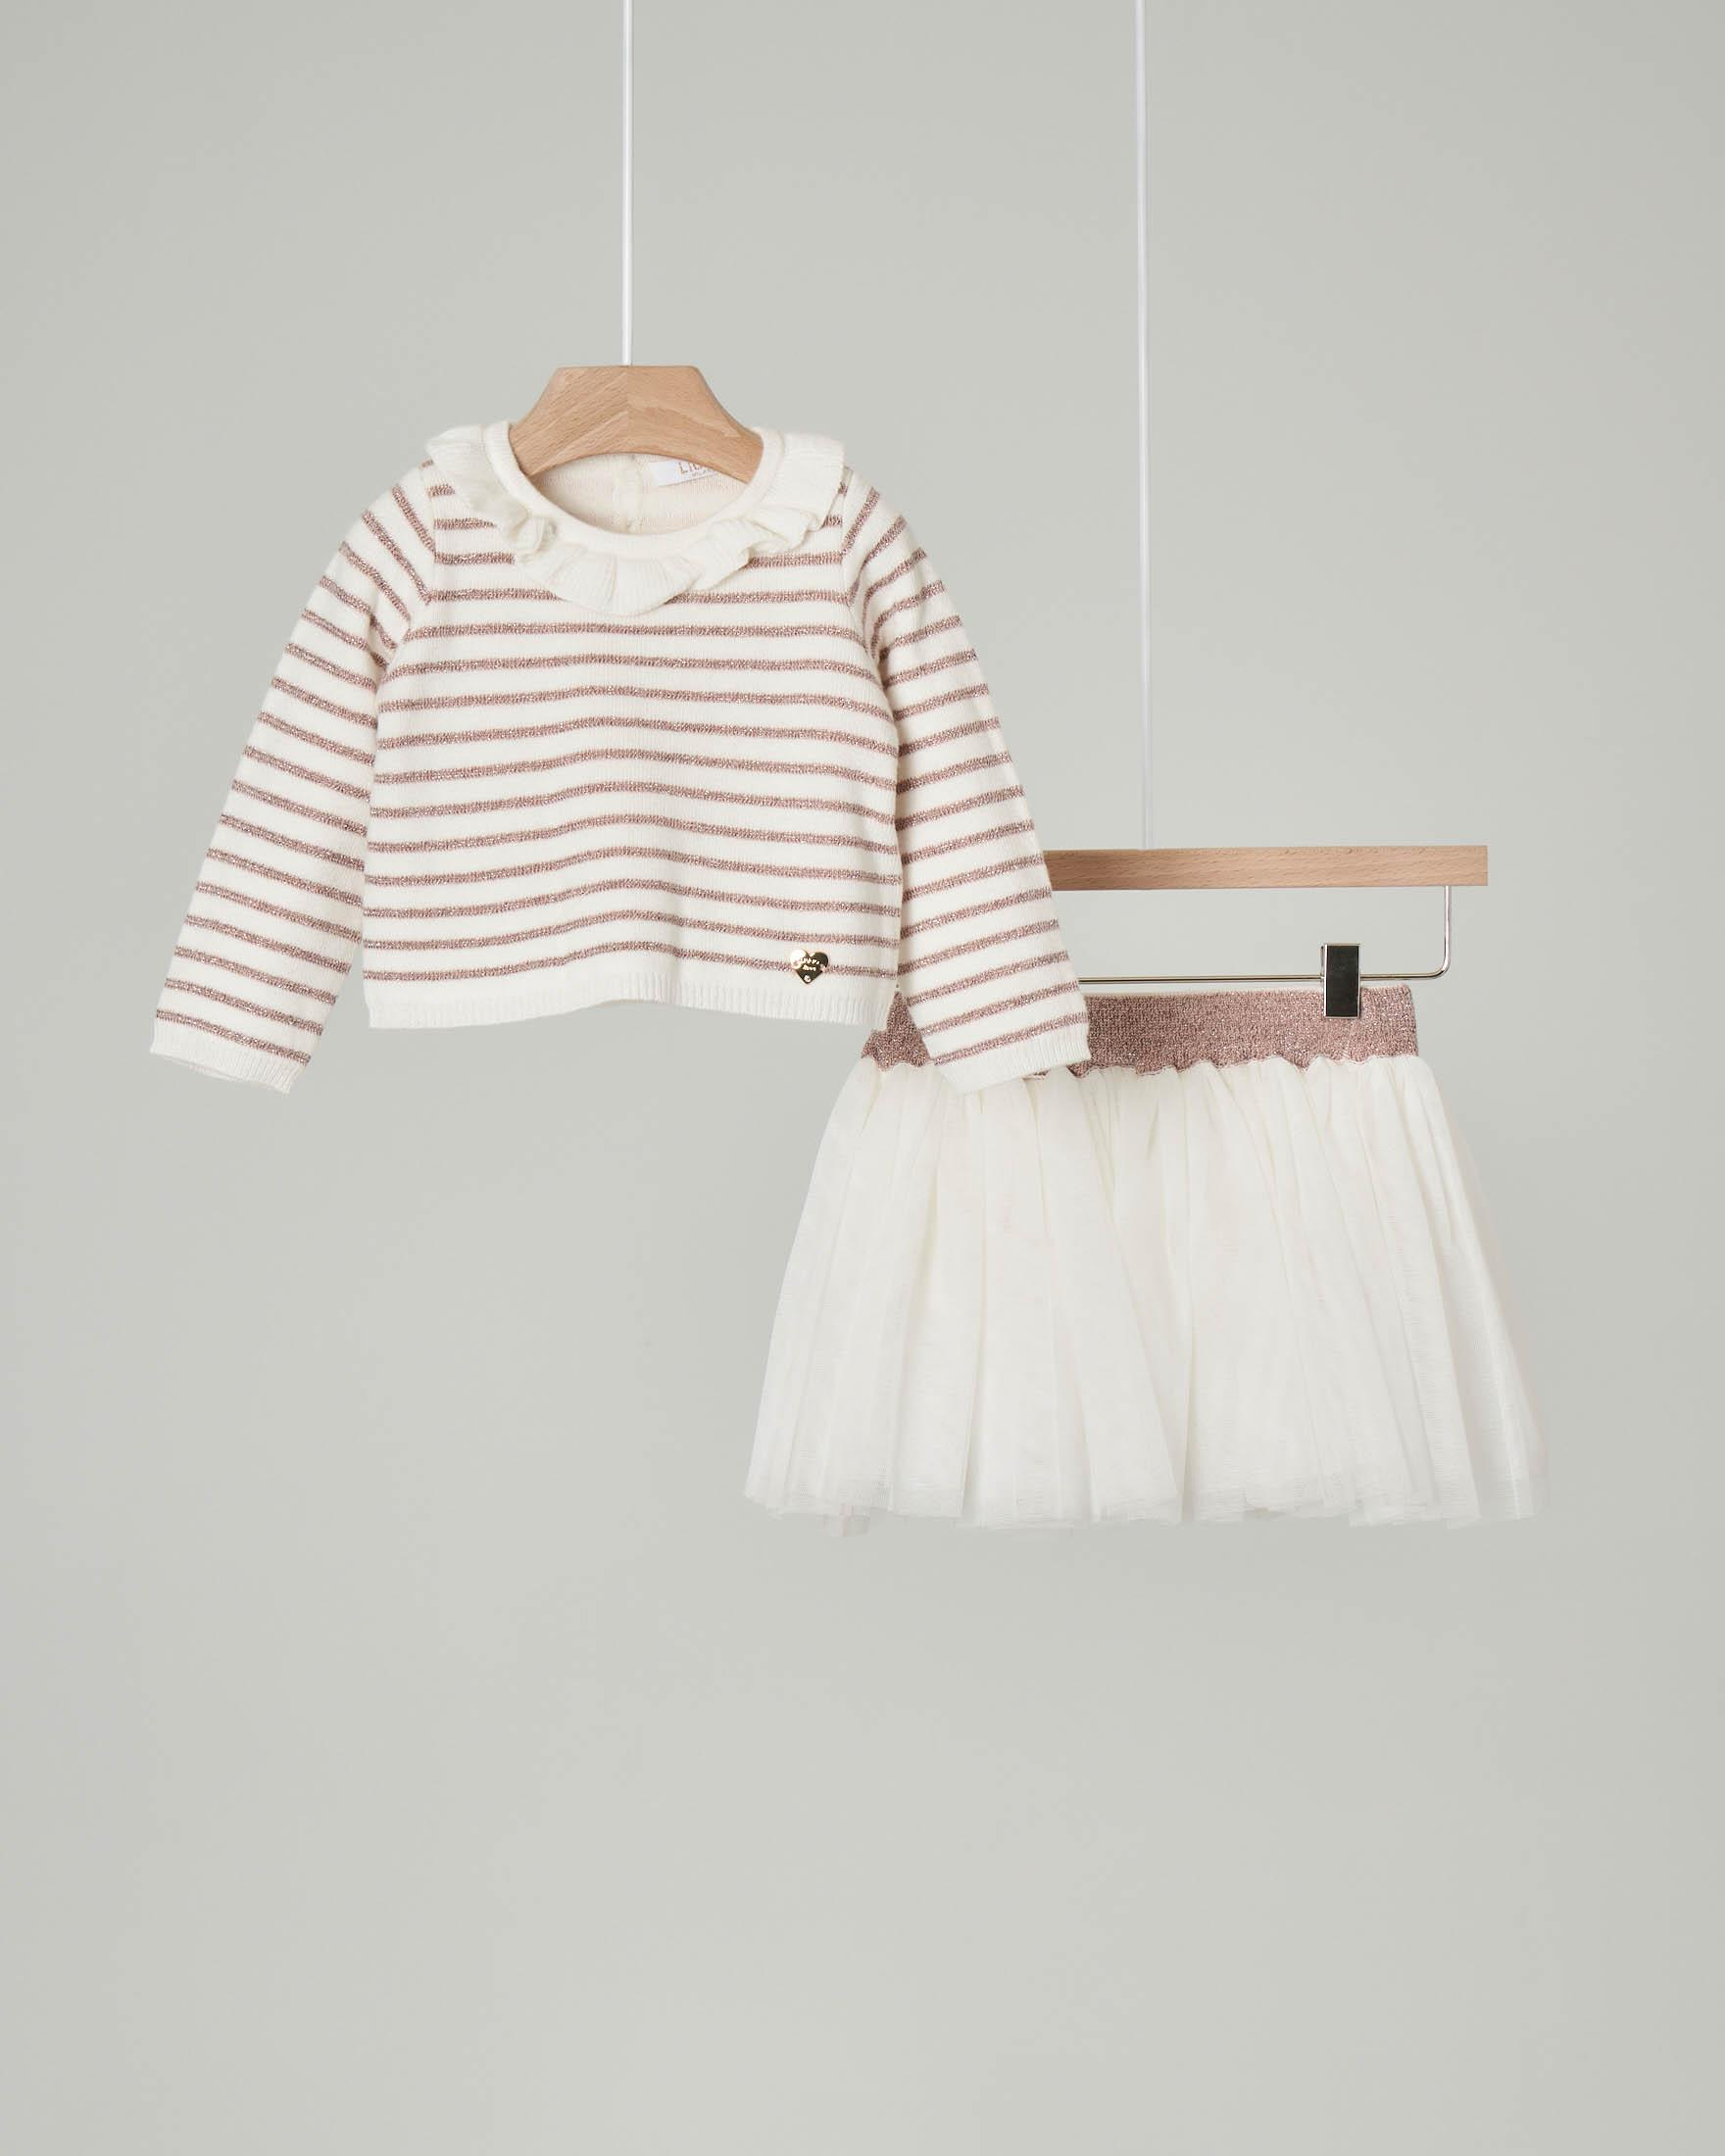 Completo con maglia a righe bianche e rosa e gonna in tulle 6-18 mesi